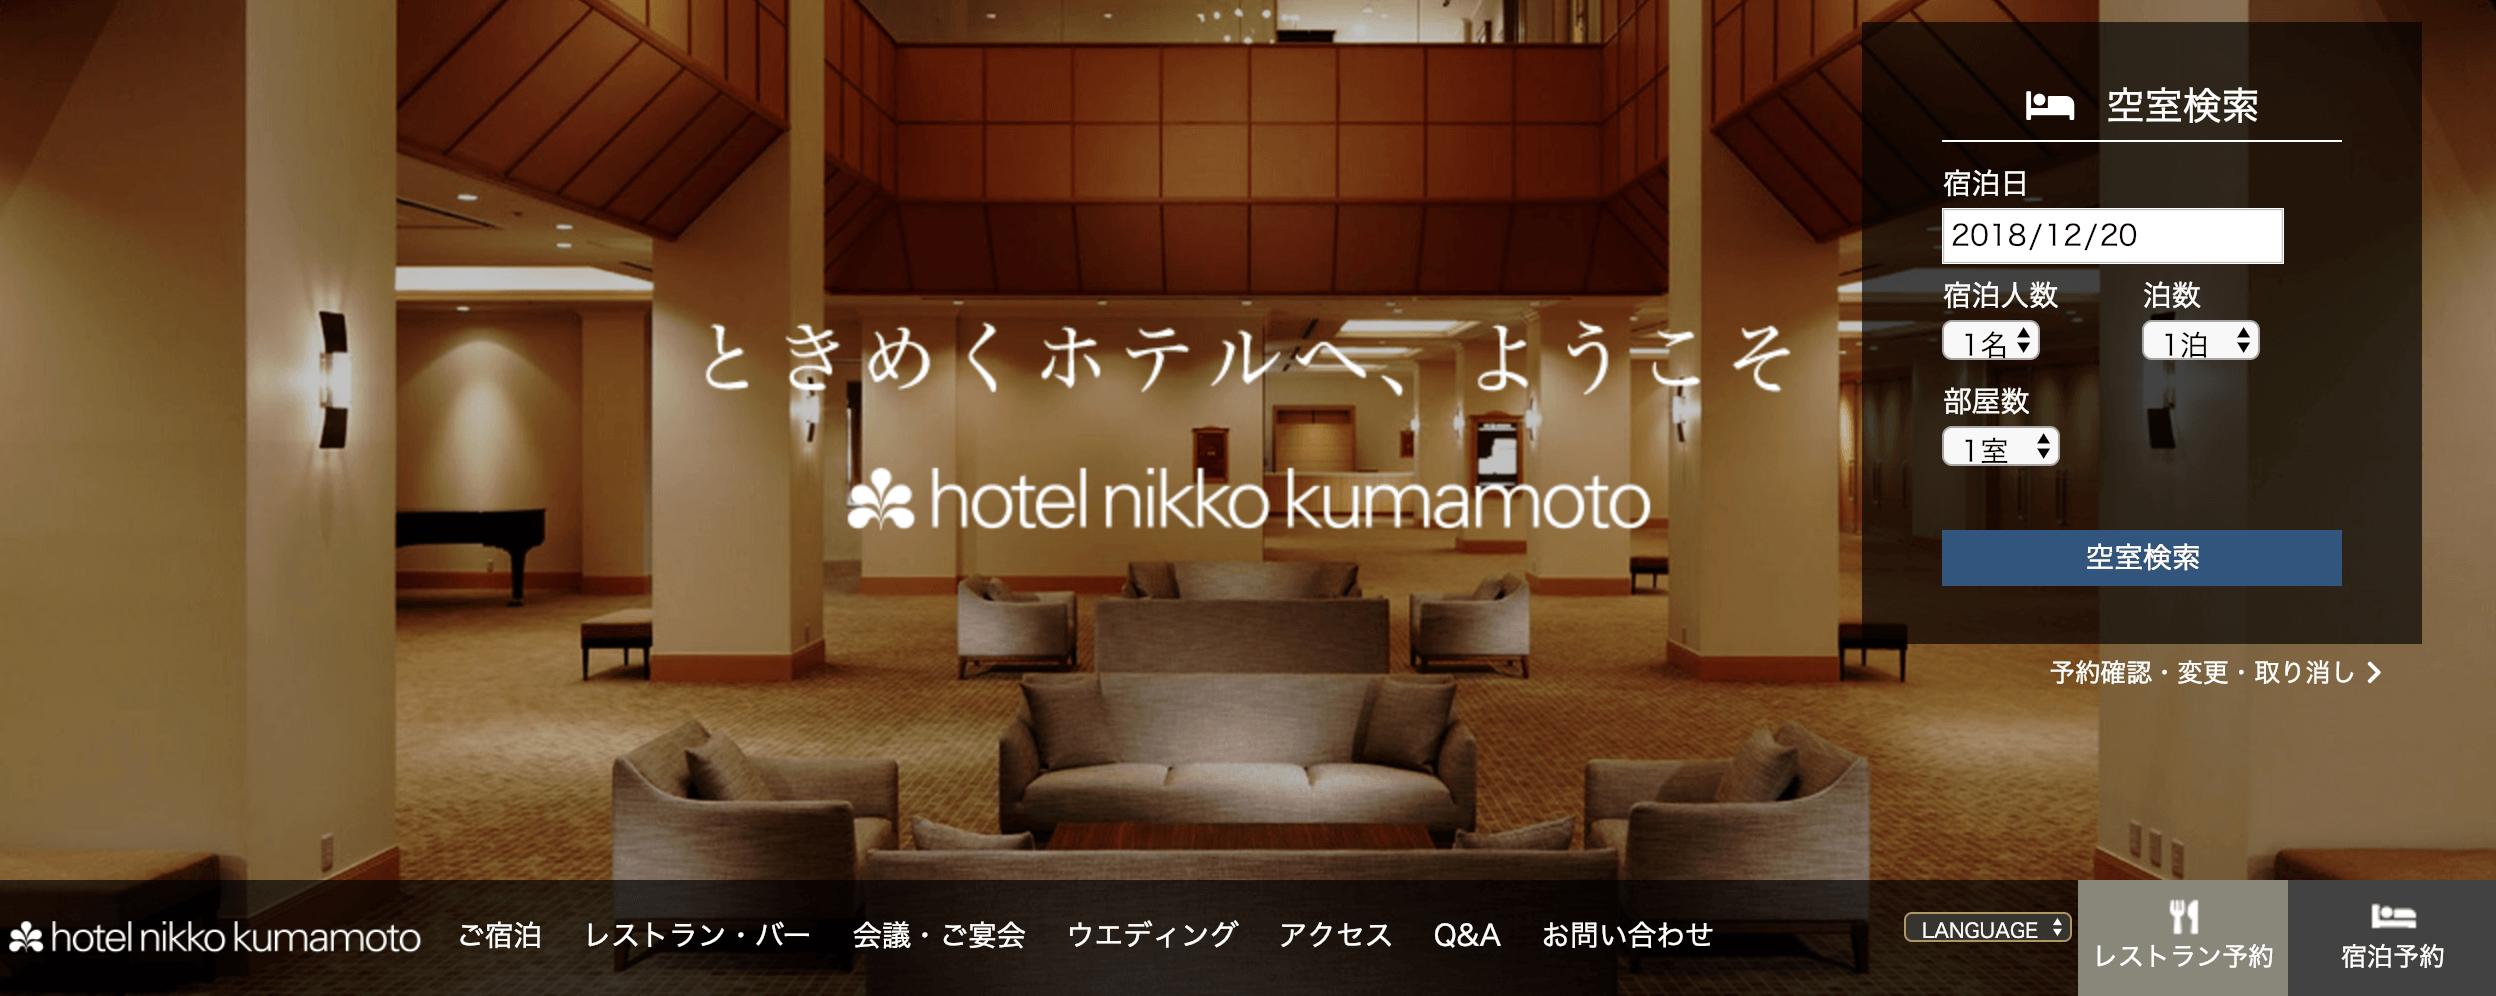 熊本のパパ活でおすすめの待ち合わせ場所「ホテル日航熊本」